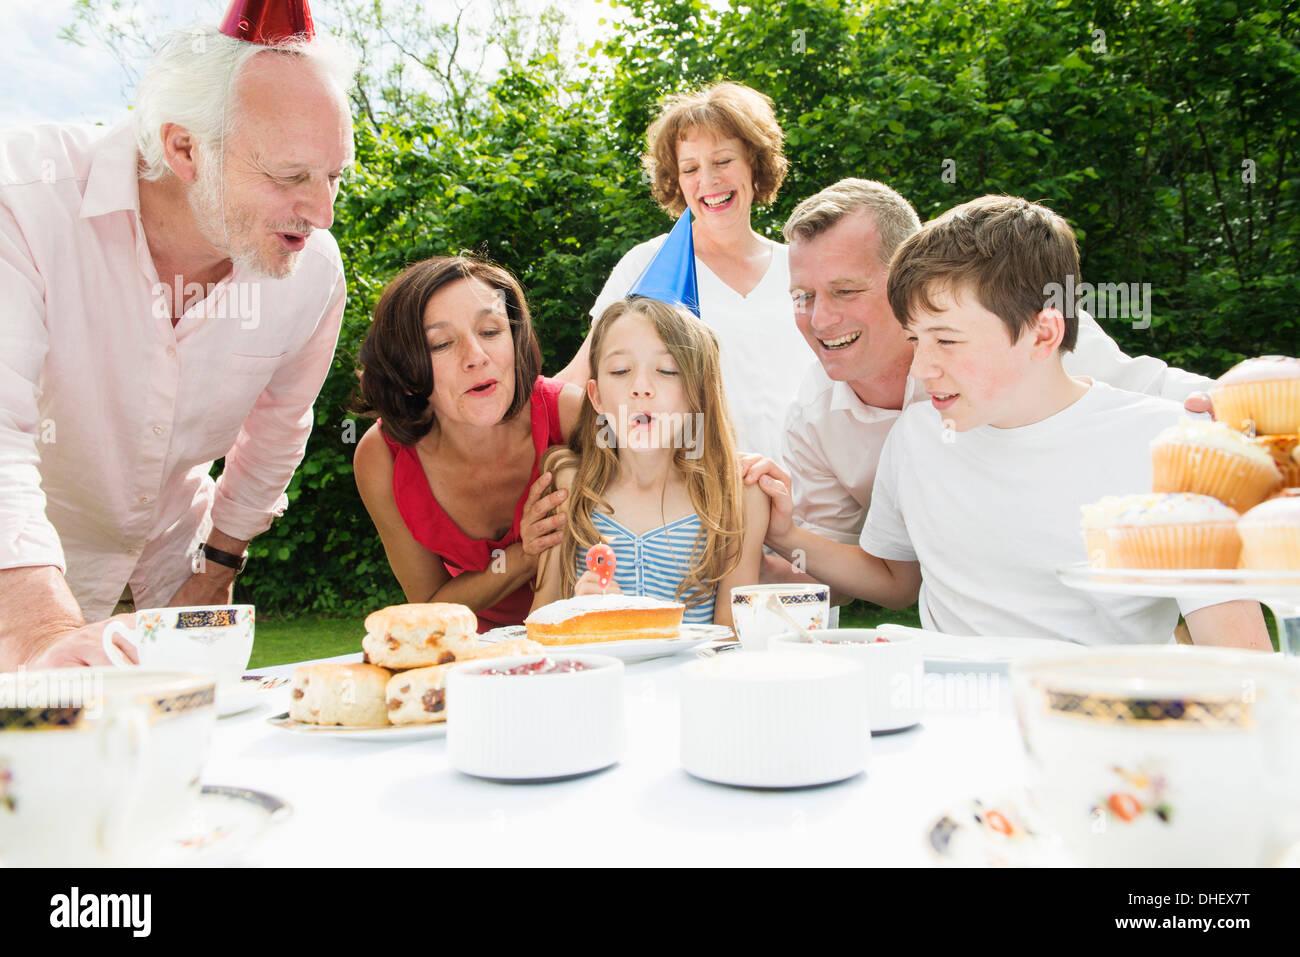 Famiglia ragazza festeggia il compleanno Immagini Stock